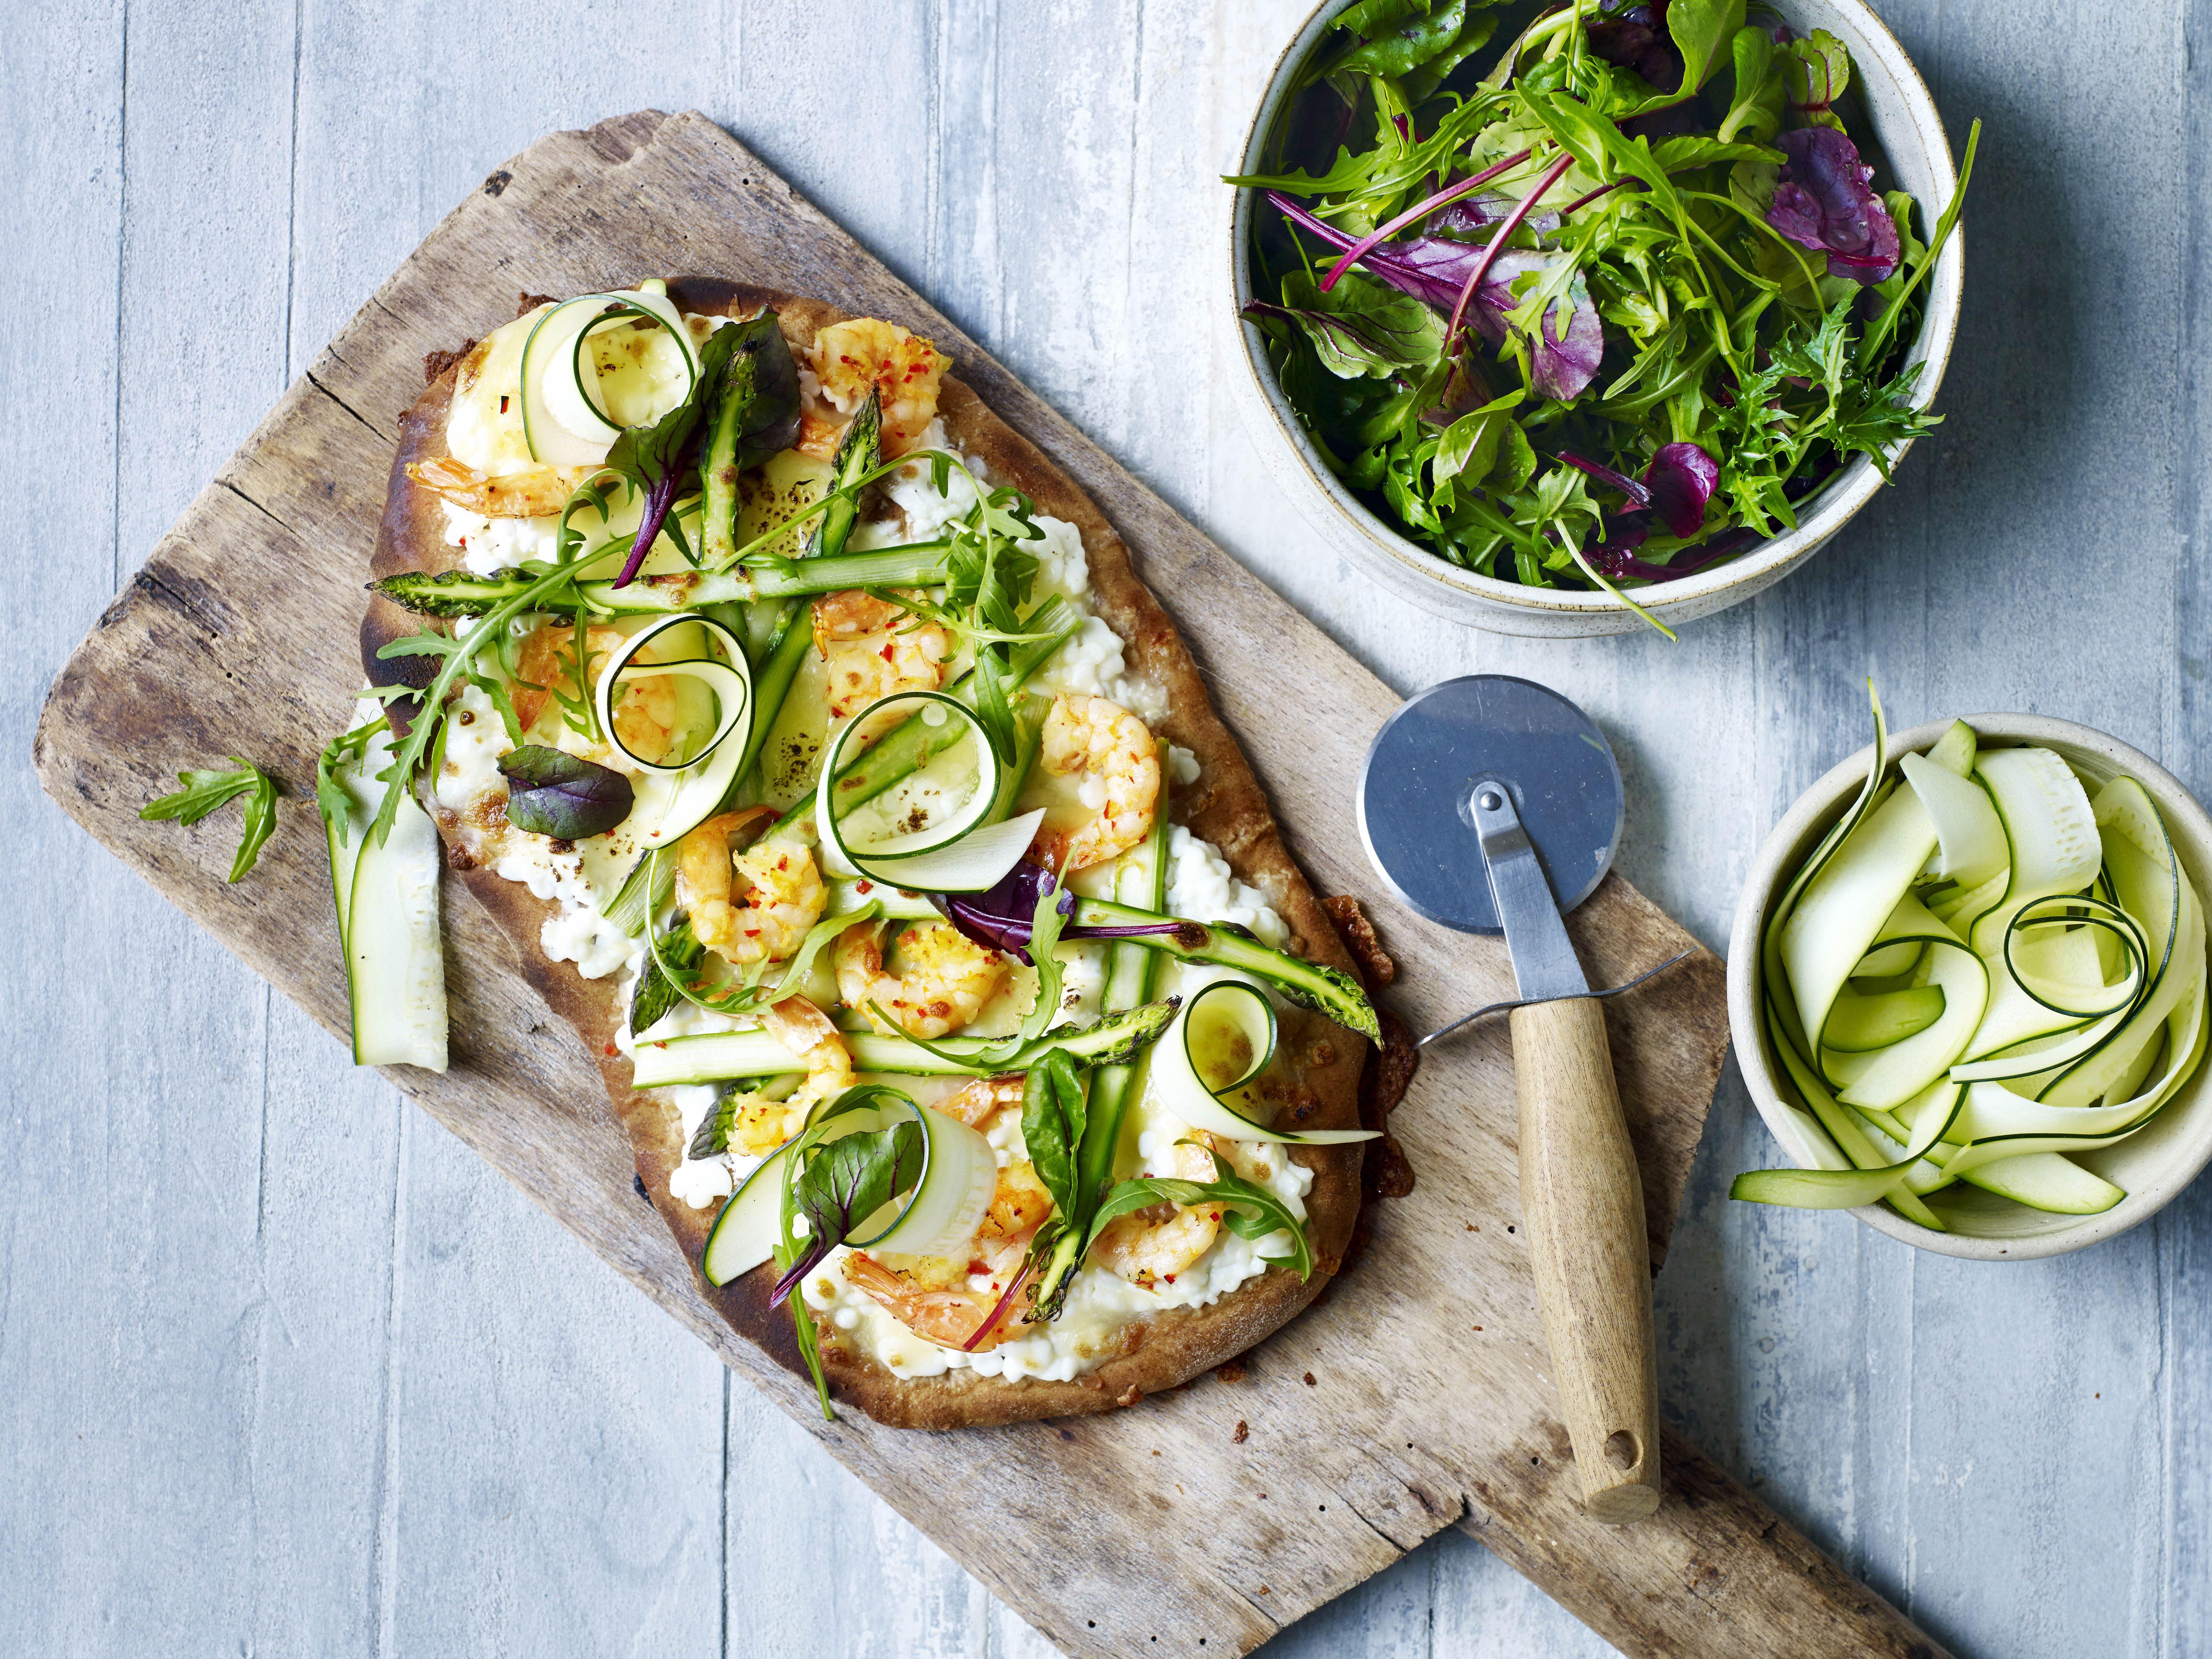 Hvid pizza med stegte rejer og grønne asparges